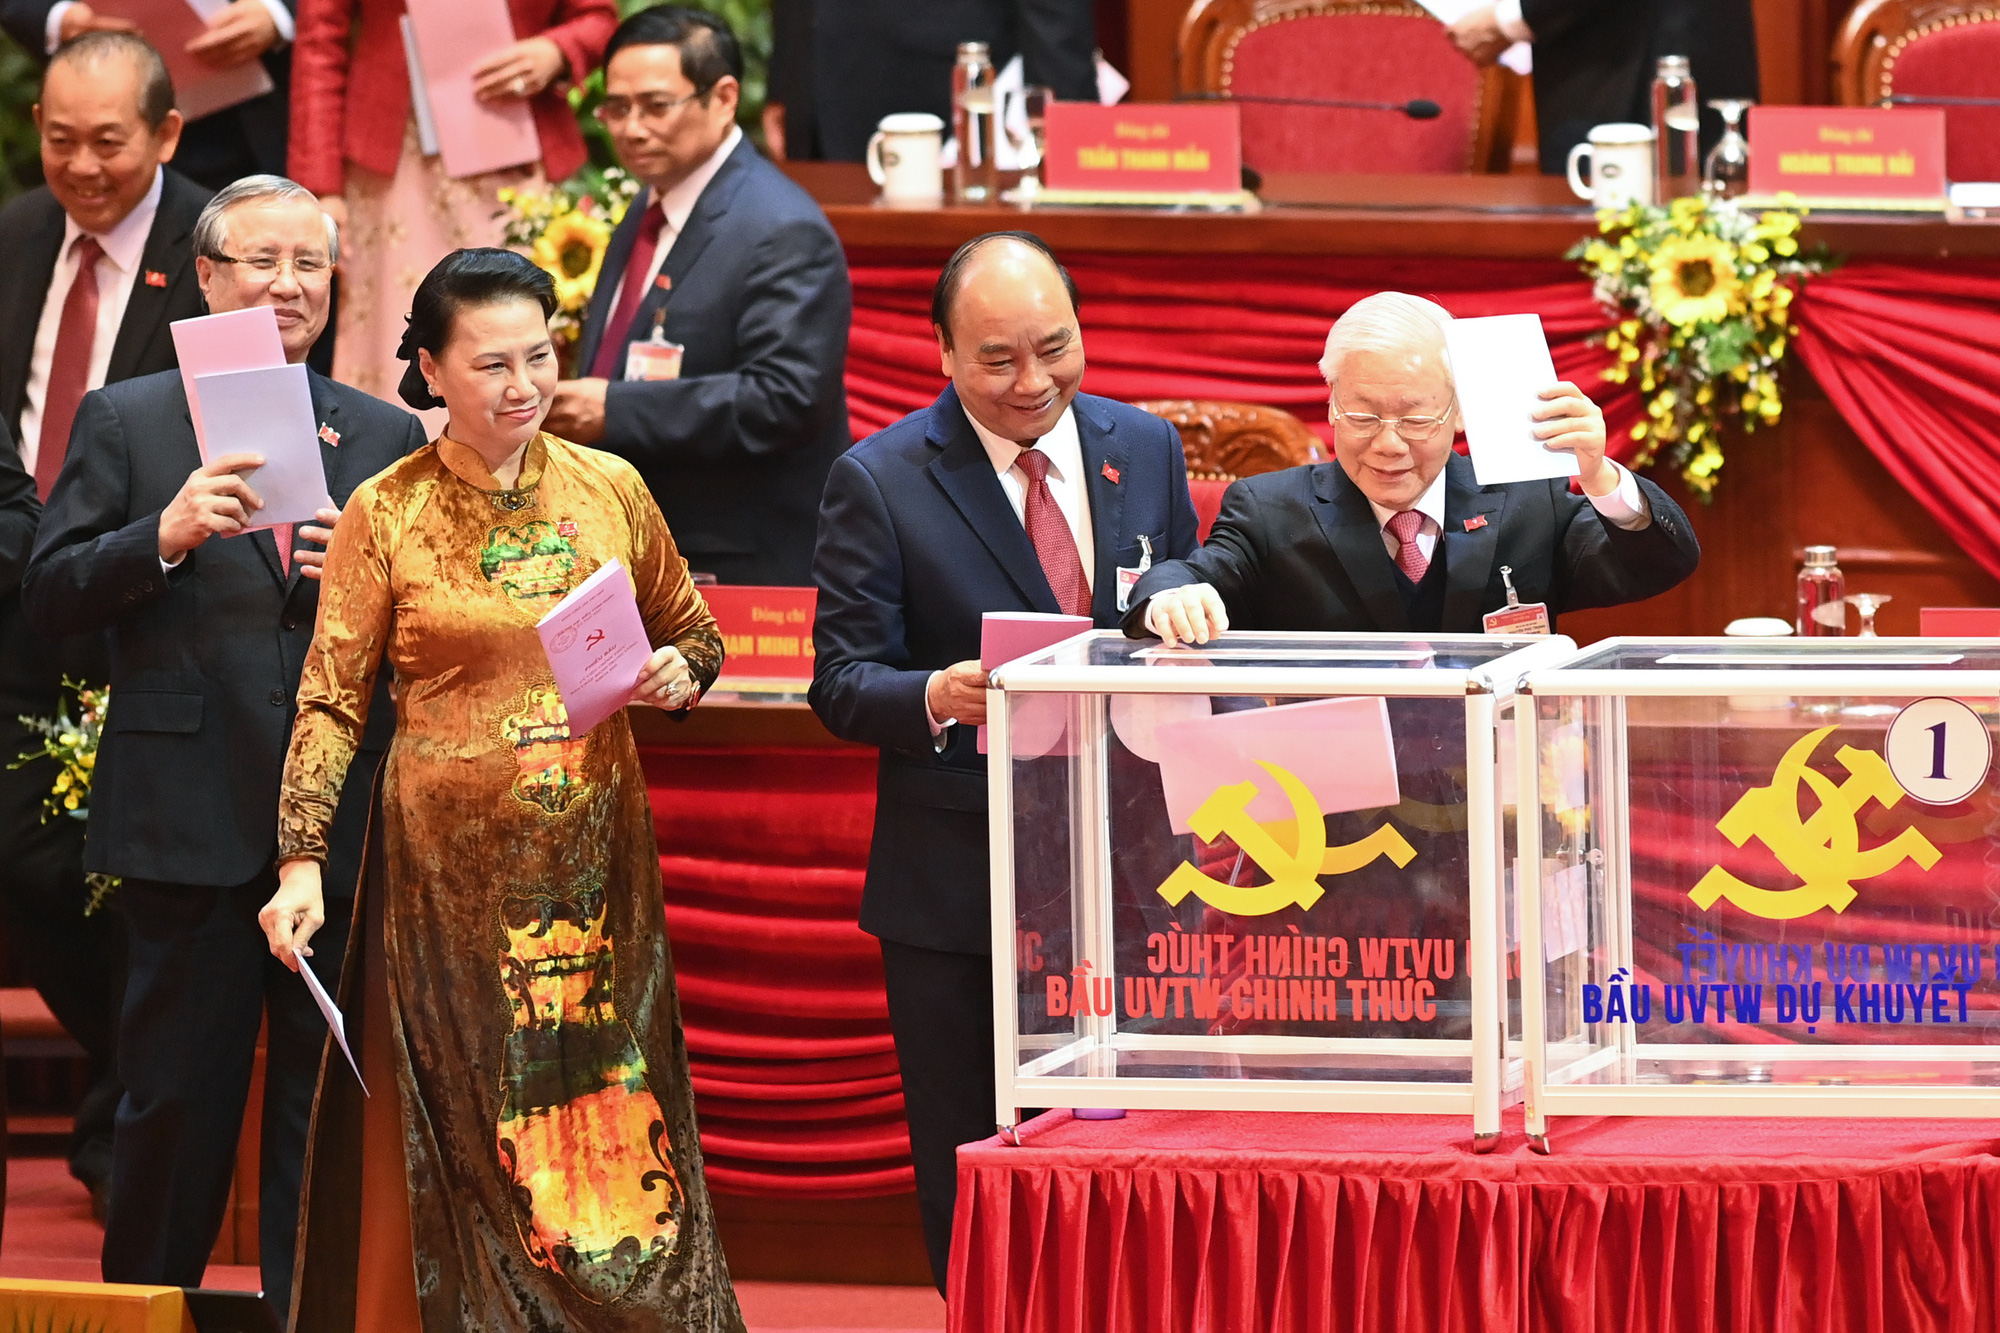 Bỏ phiếu bầu 200 Ủy viên Ban Chấp hành Trung ương khóa XIII - Ảnh 1.